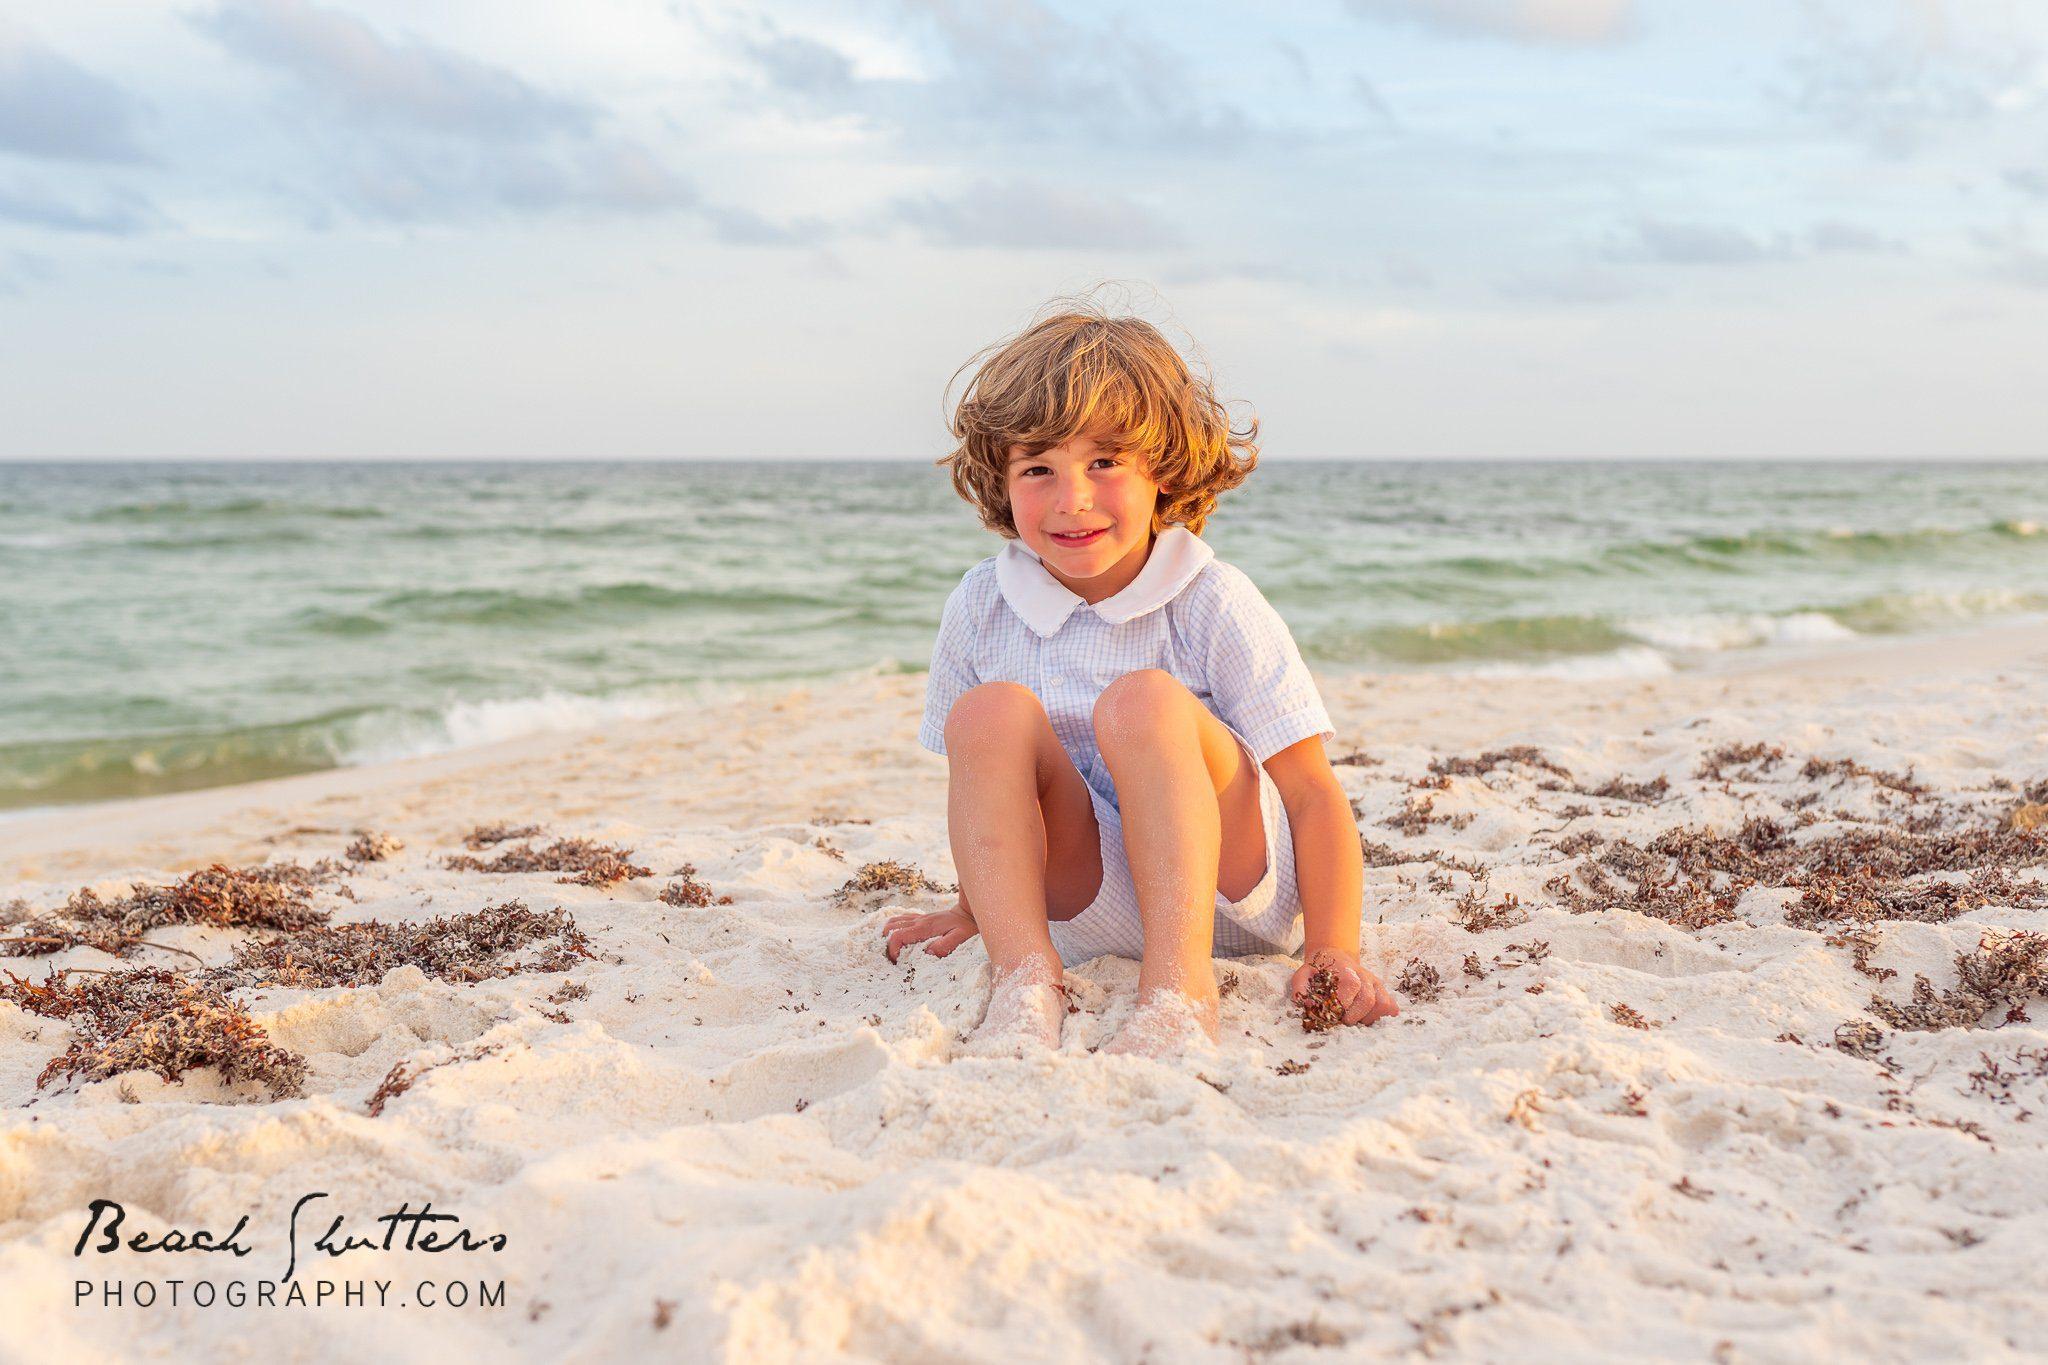 beach bum photos Gulf Shores